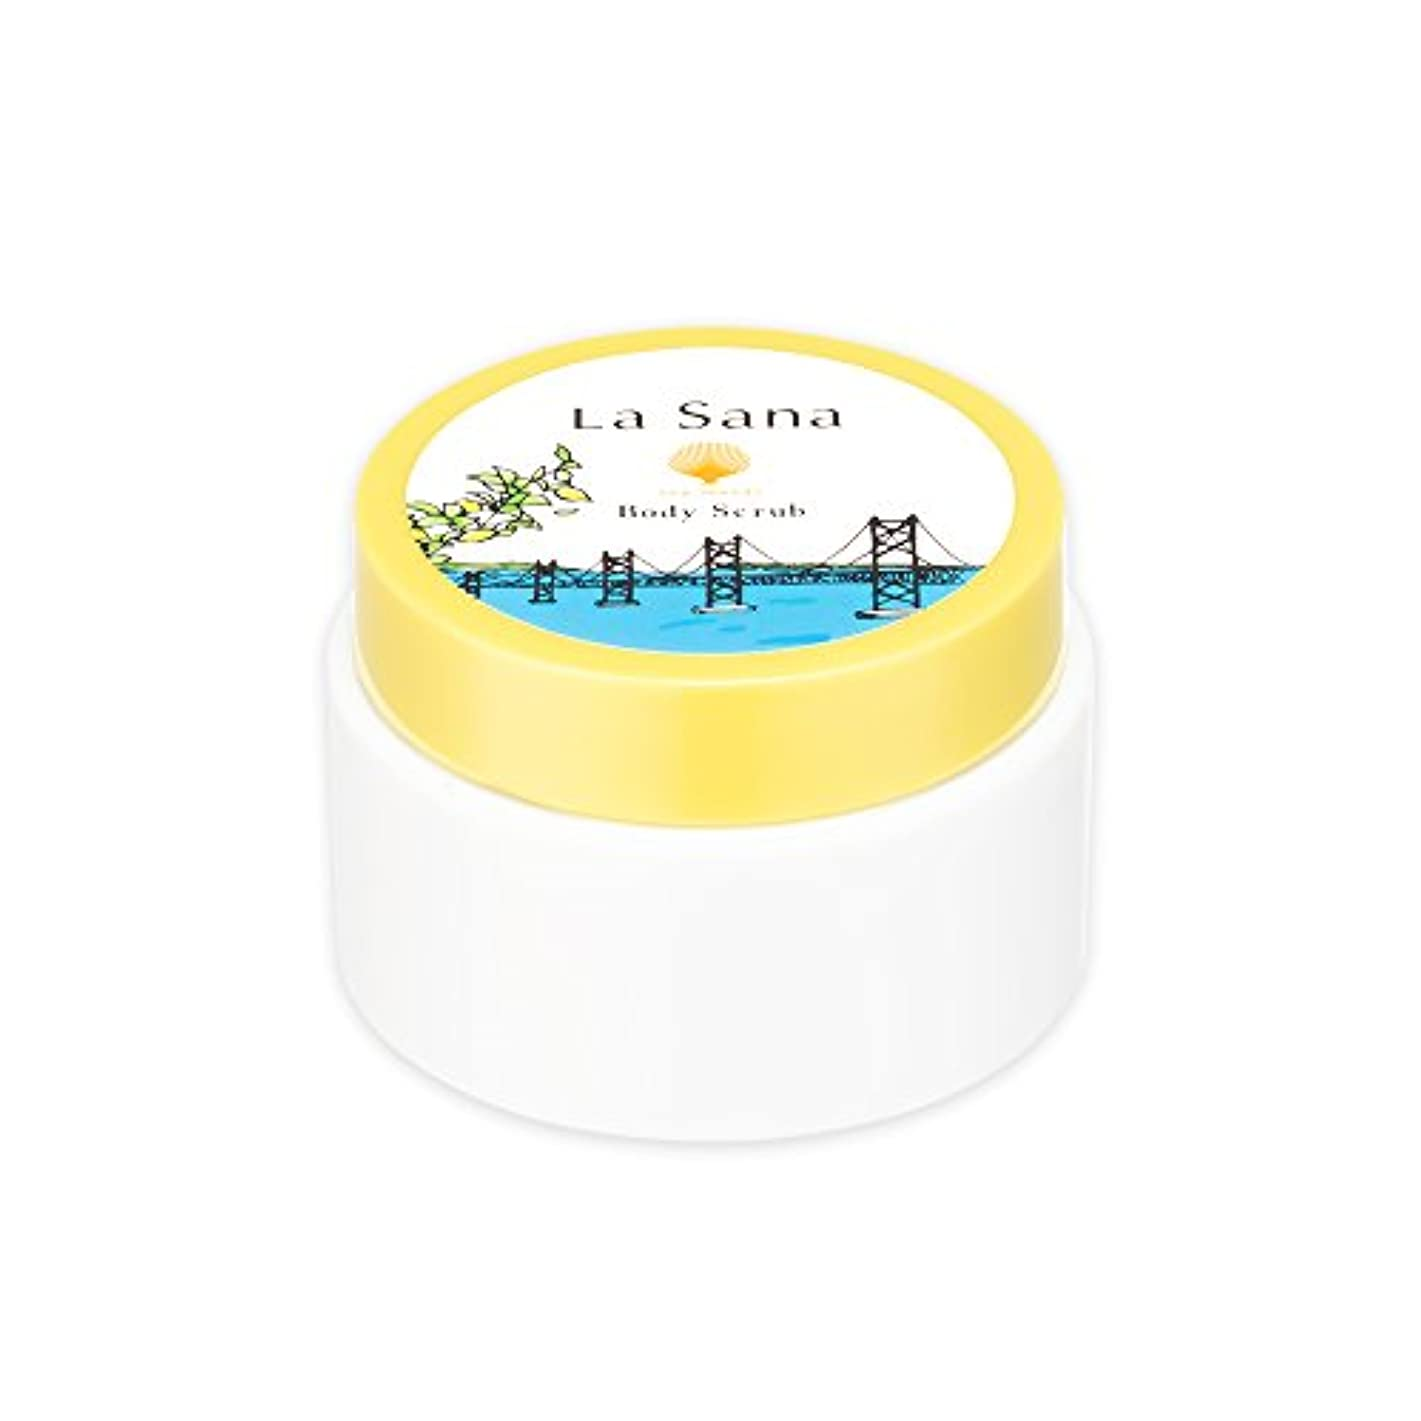 足枷進捗ナインへラサーナ La sana 海藻 ボディ スクラブ 100g 限定 瀬戸内レモンの香り ボディケア 日本製 (約1ヵ月分)